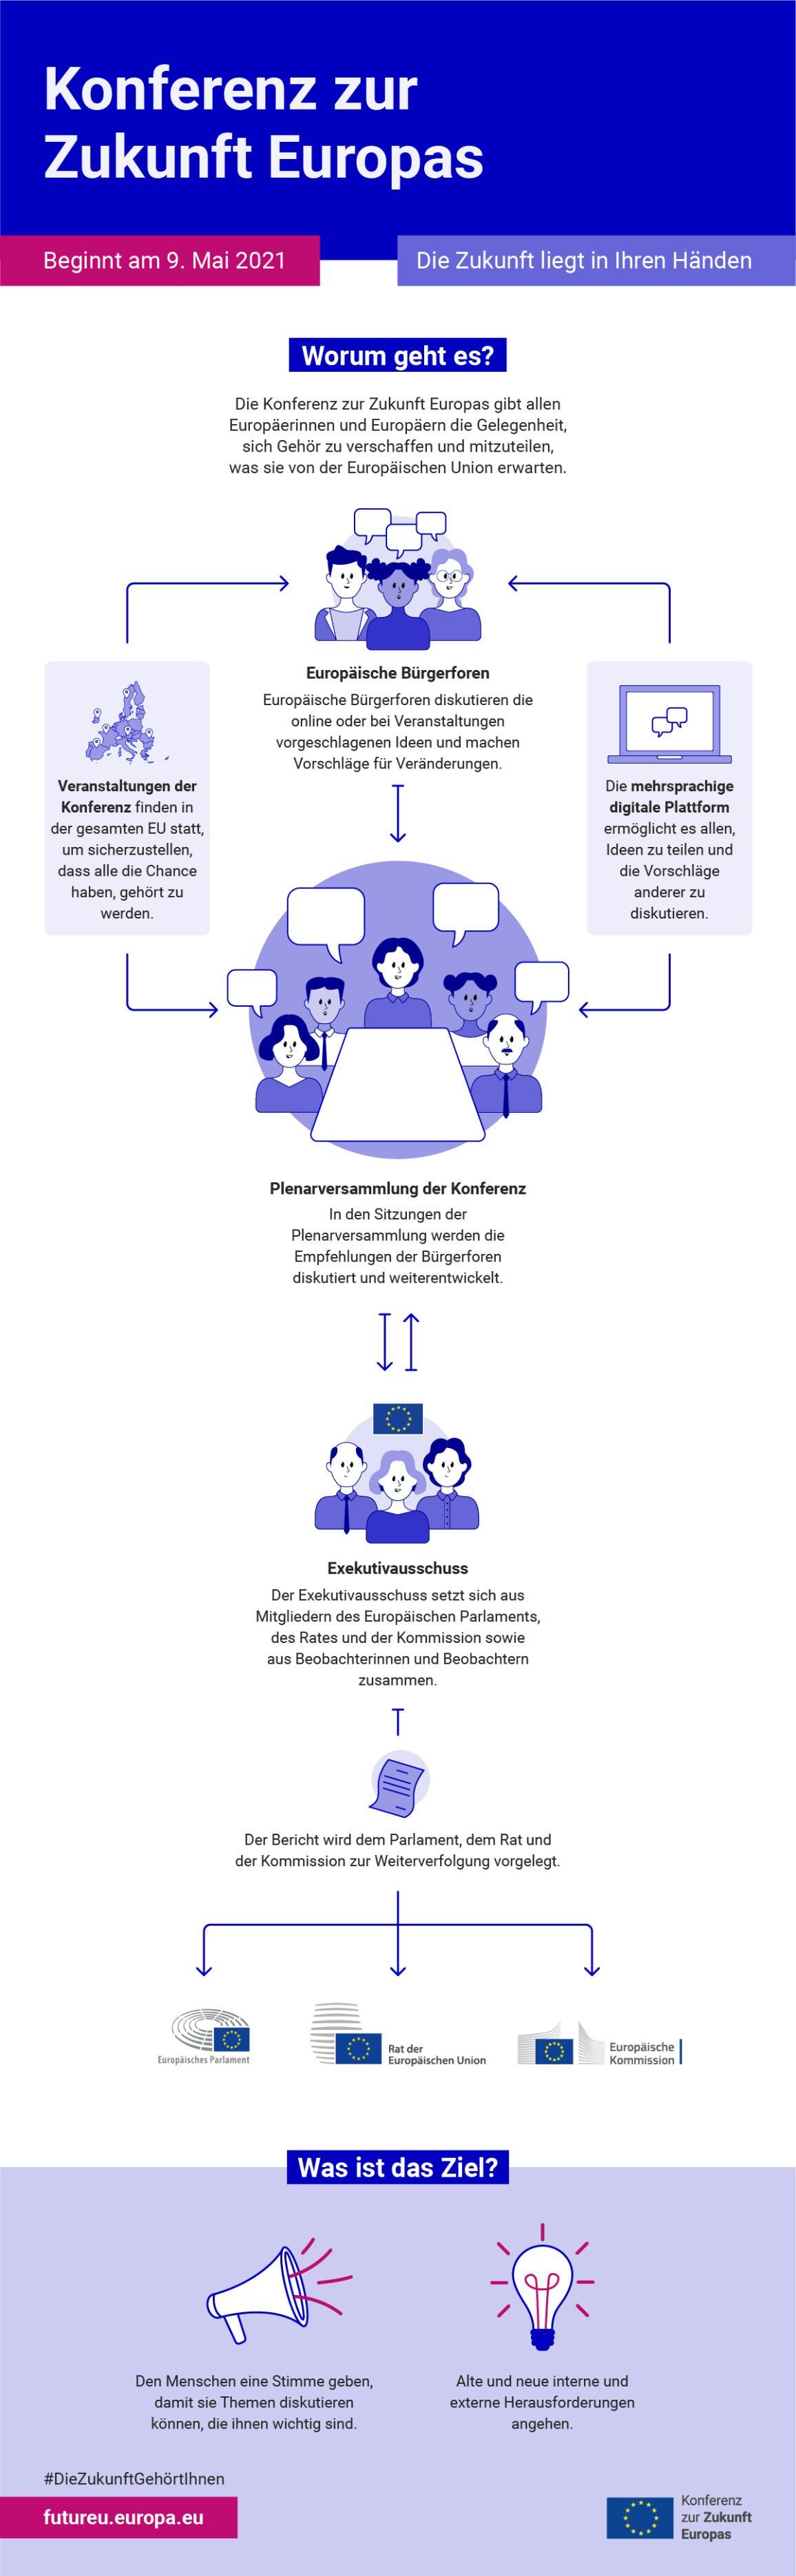 Infografik zur Konferenz zur Zukunft Europas